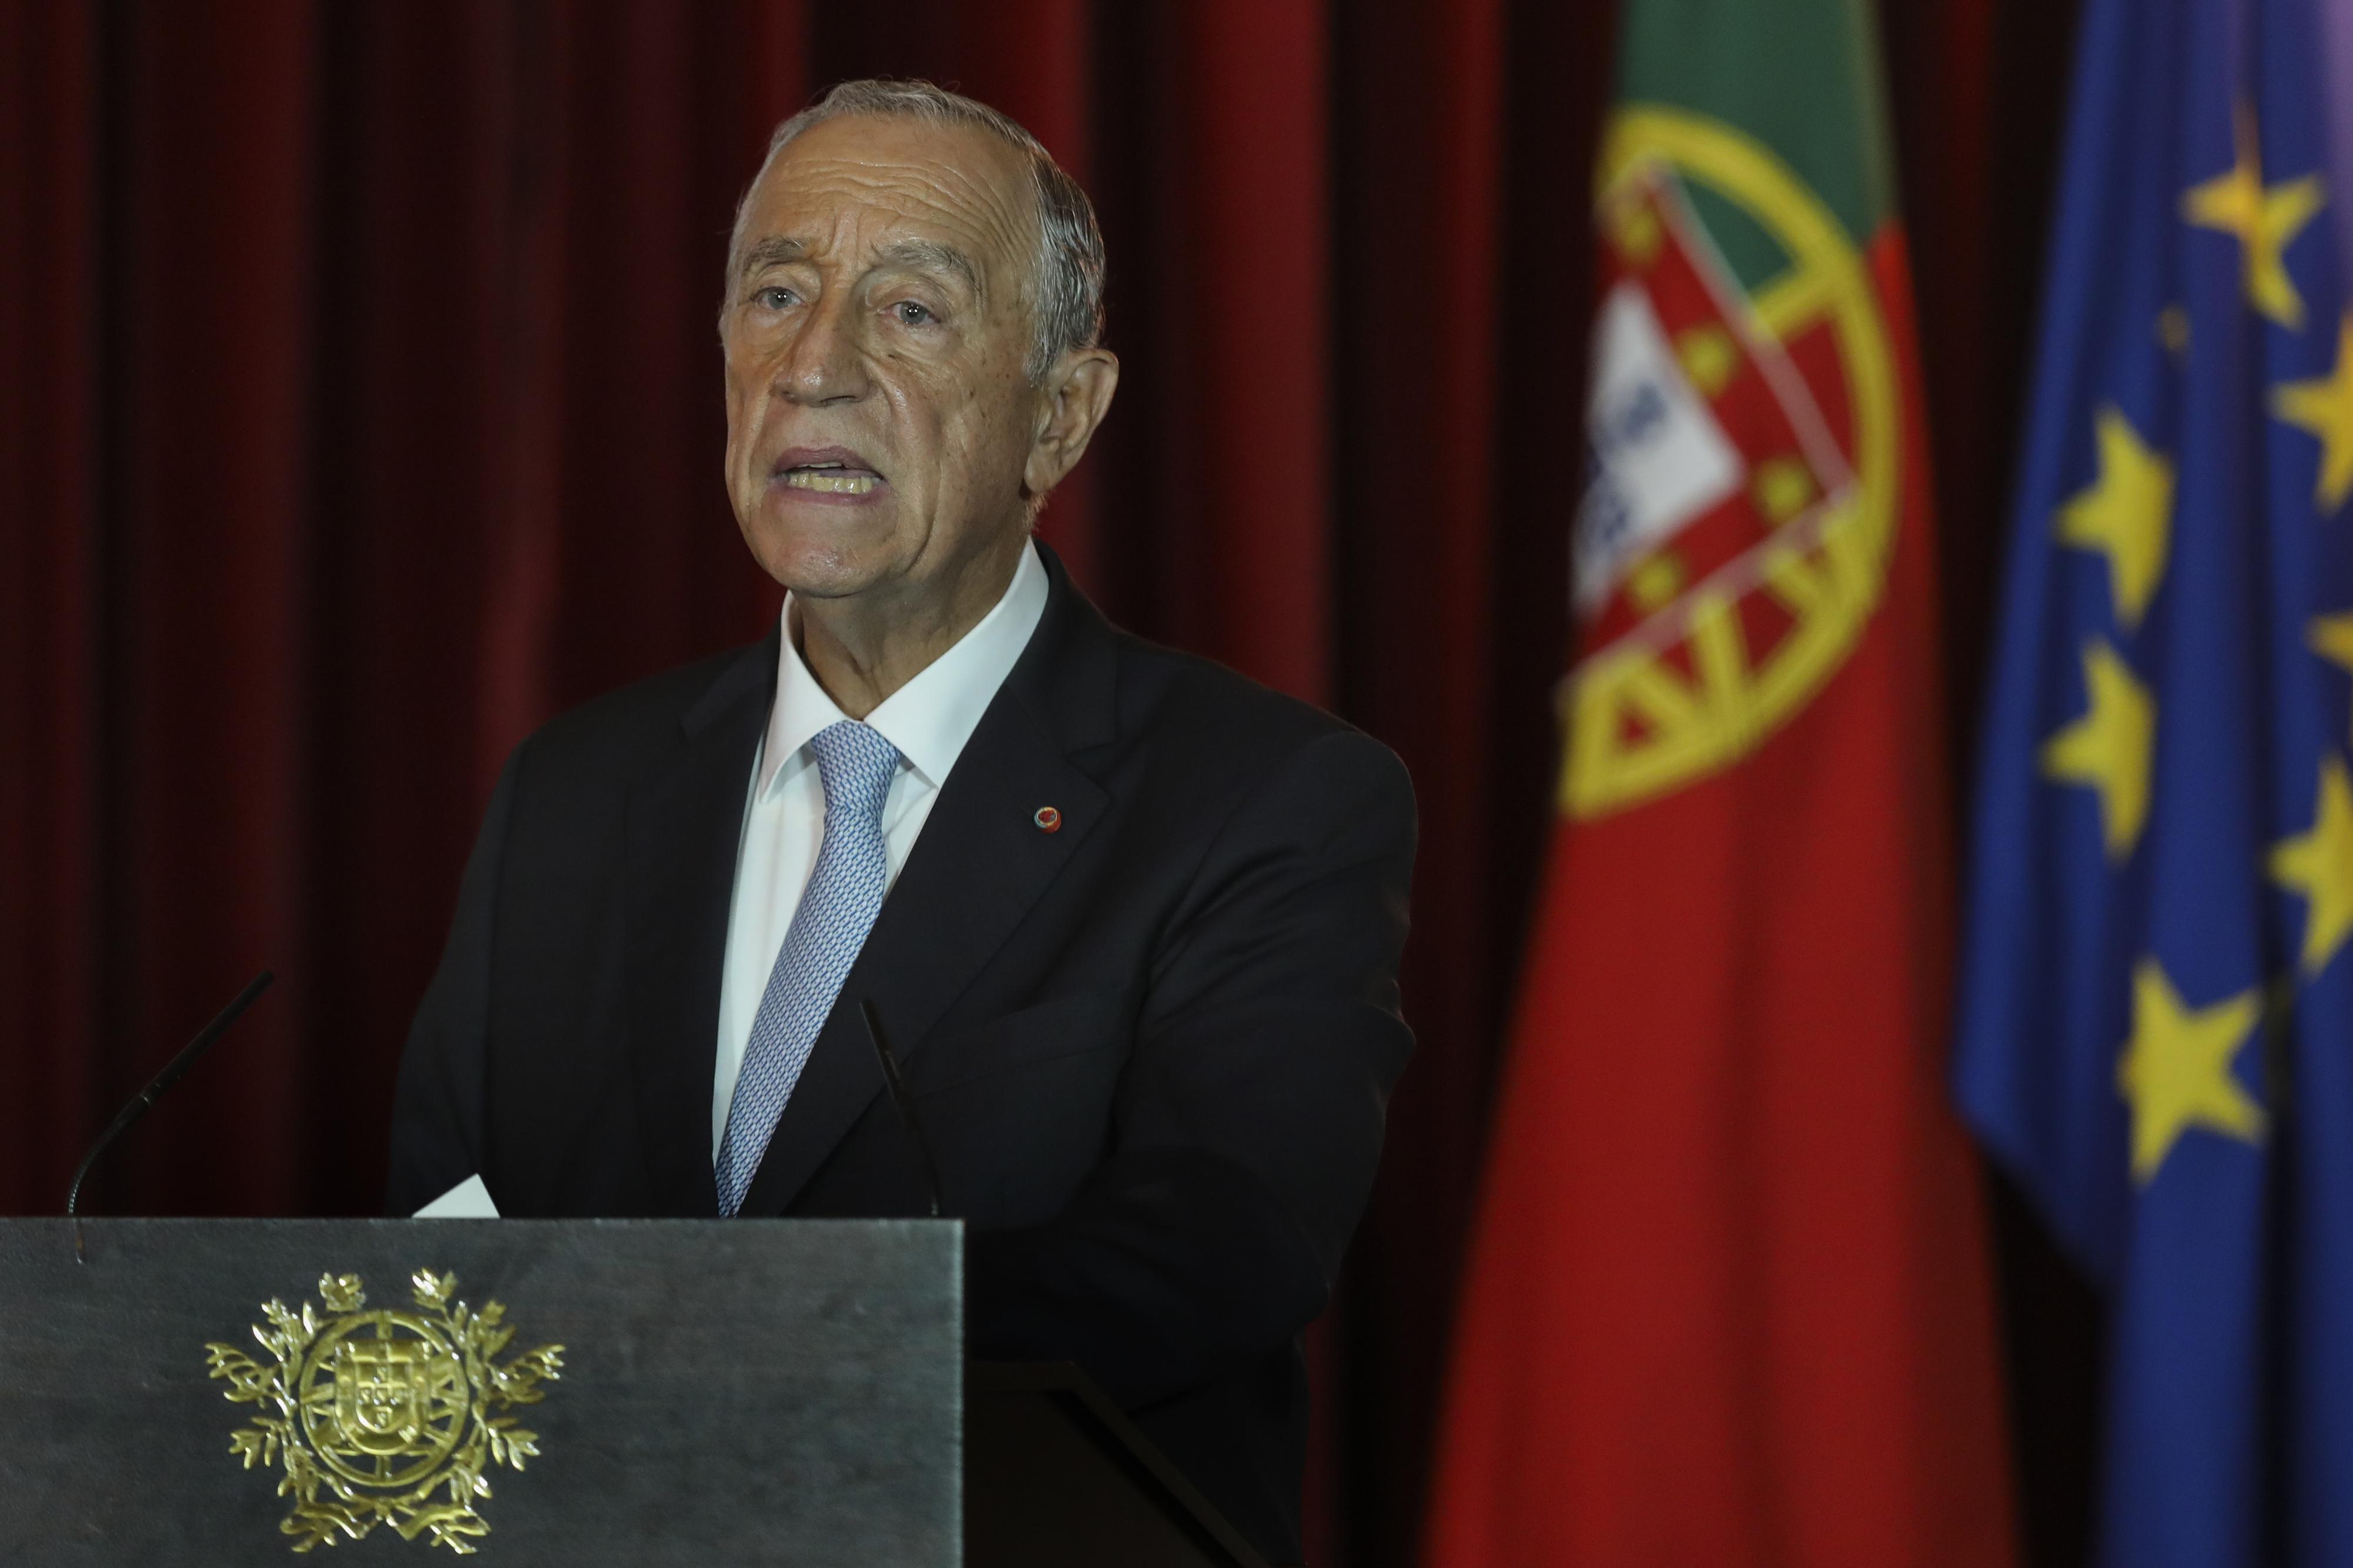 Marcelo promulga com dúvidas salário mínimo de 635,07 euros na função pública